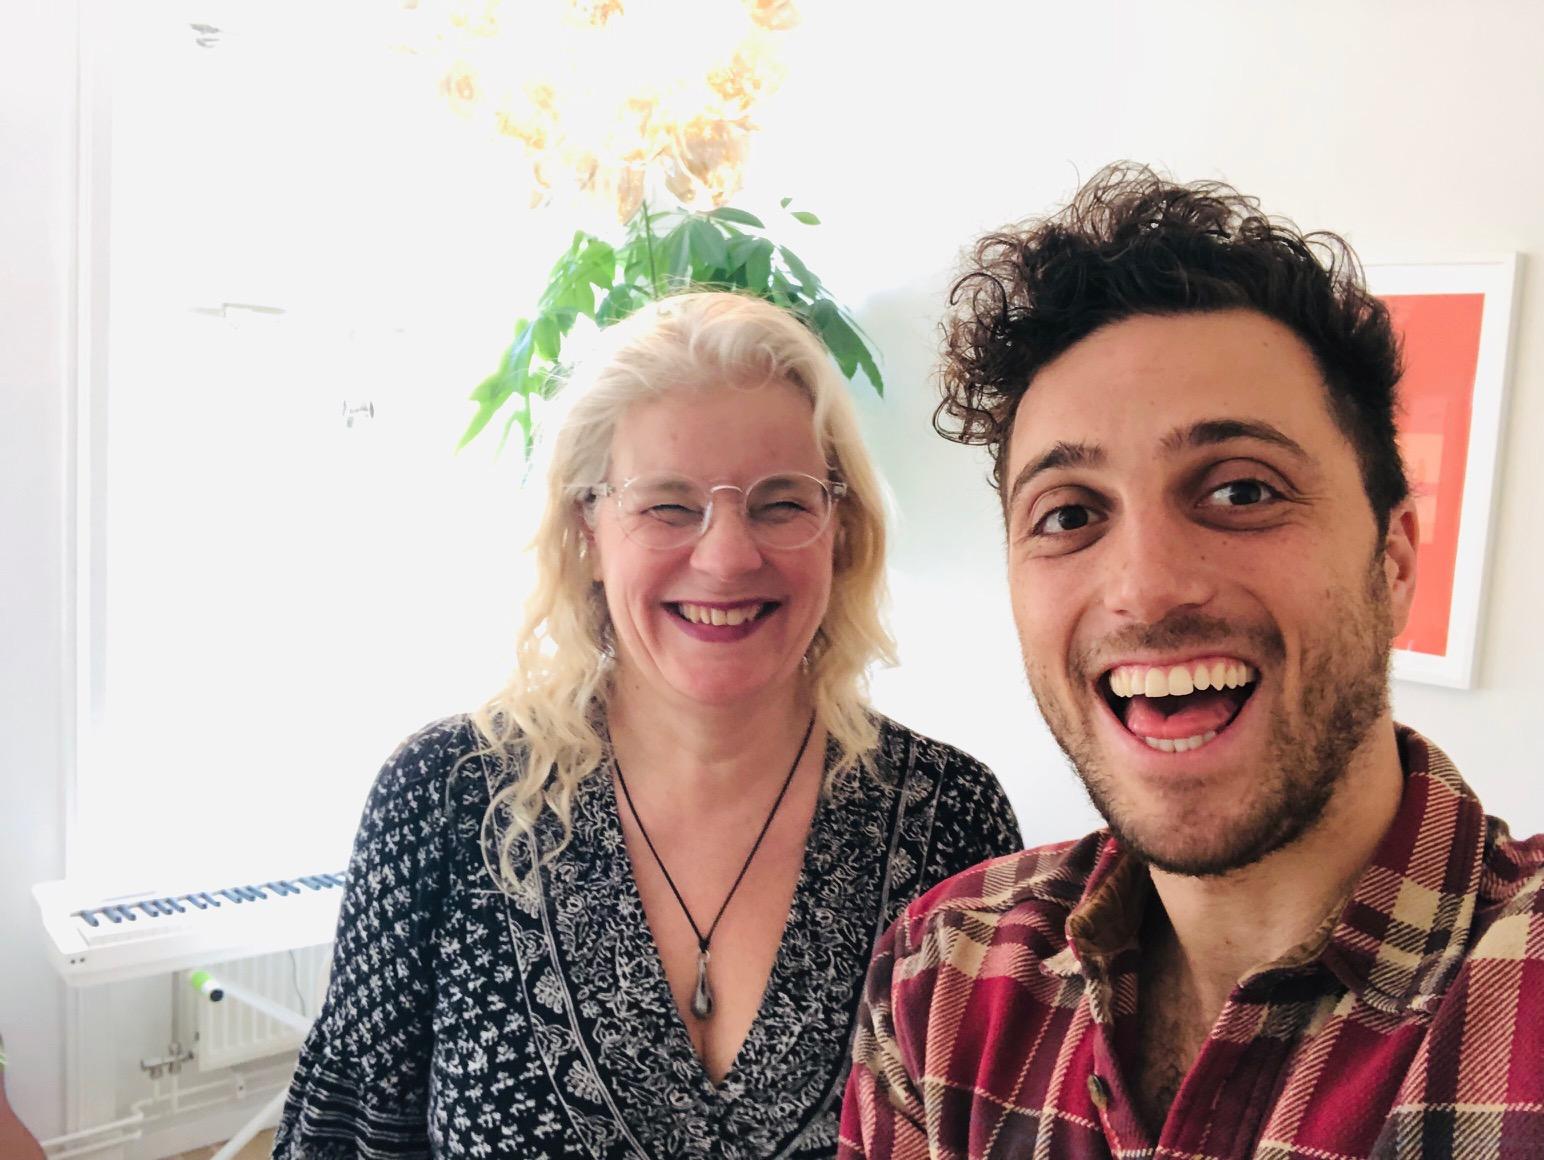 nybörjarguide för tantrasex i tantrapodden - April 2019. Charlotte talar med Nathanel Goldman om tantrasex i nystartade